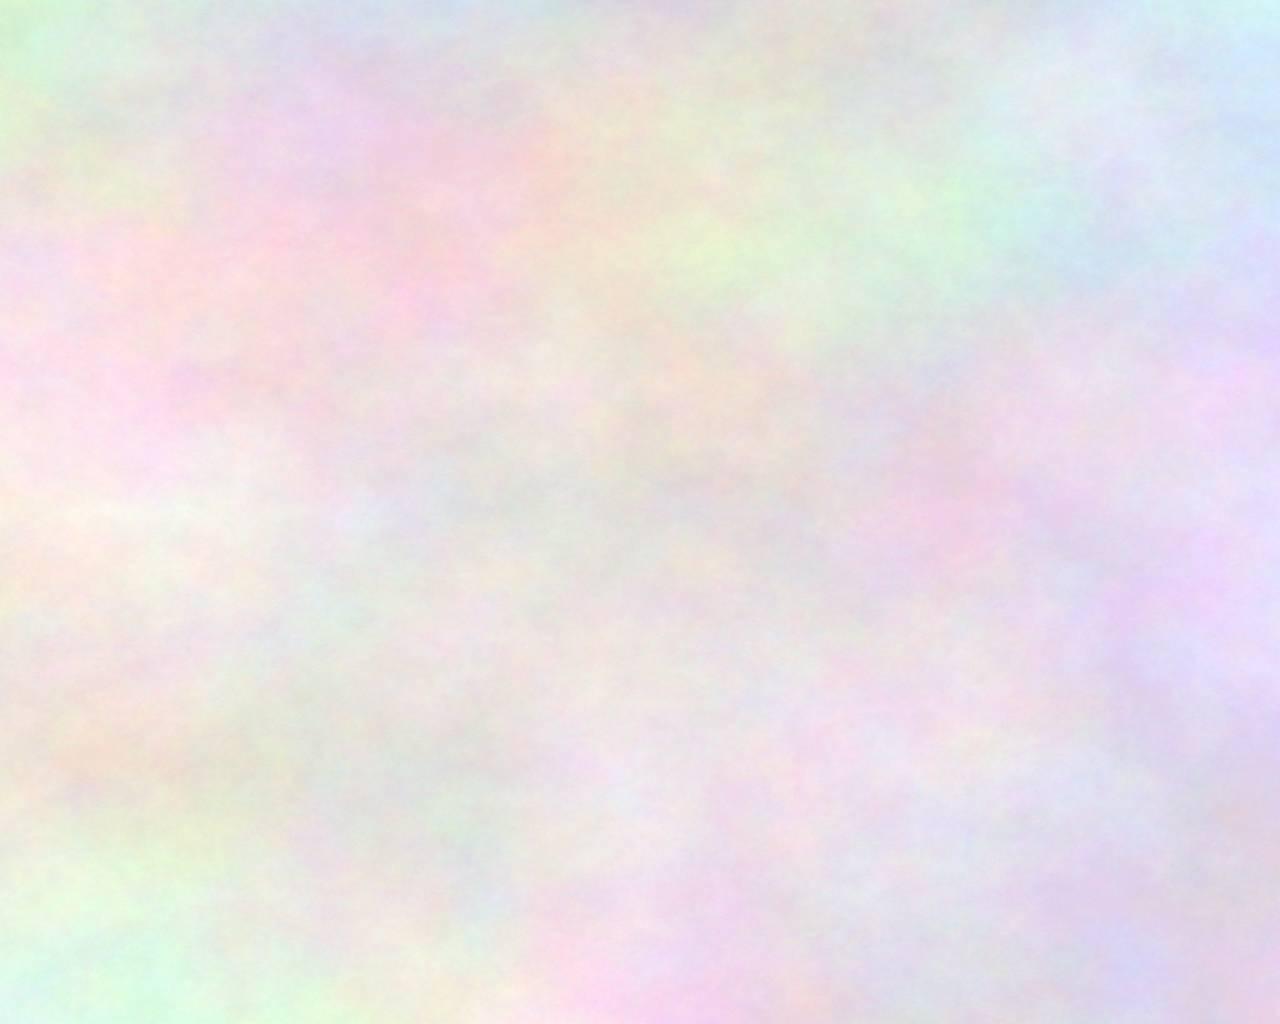 Download 6200 Koleksi Wallpaper Tumblr Warna Pastel Gratis